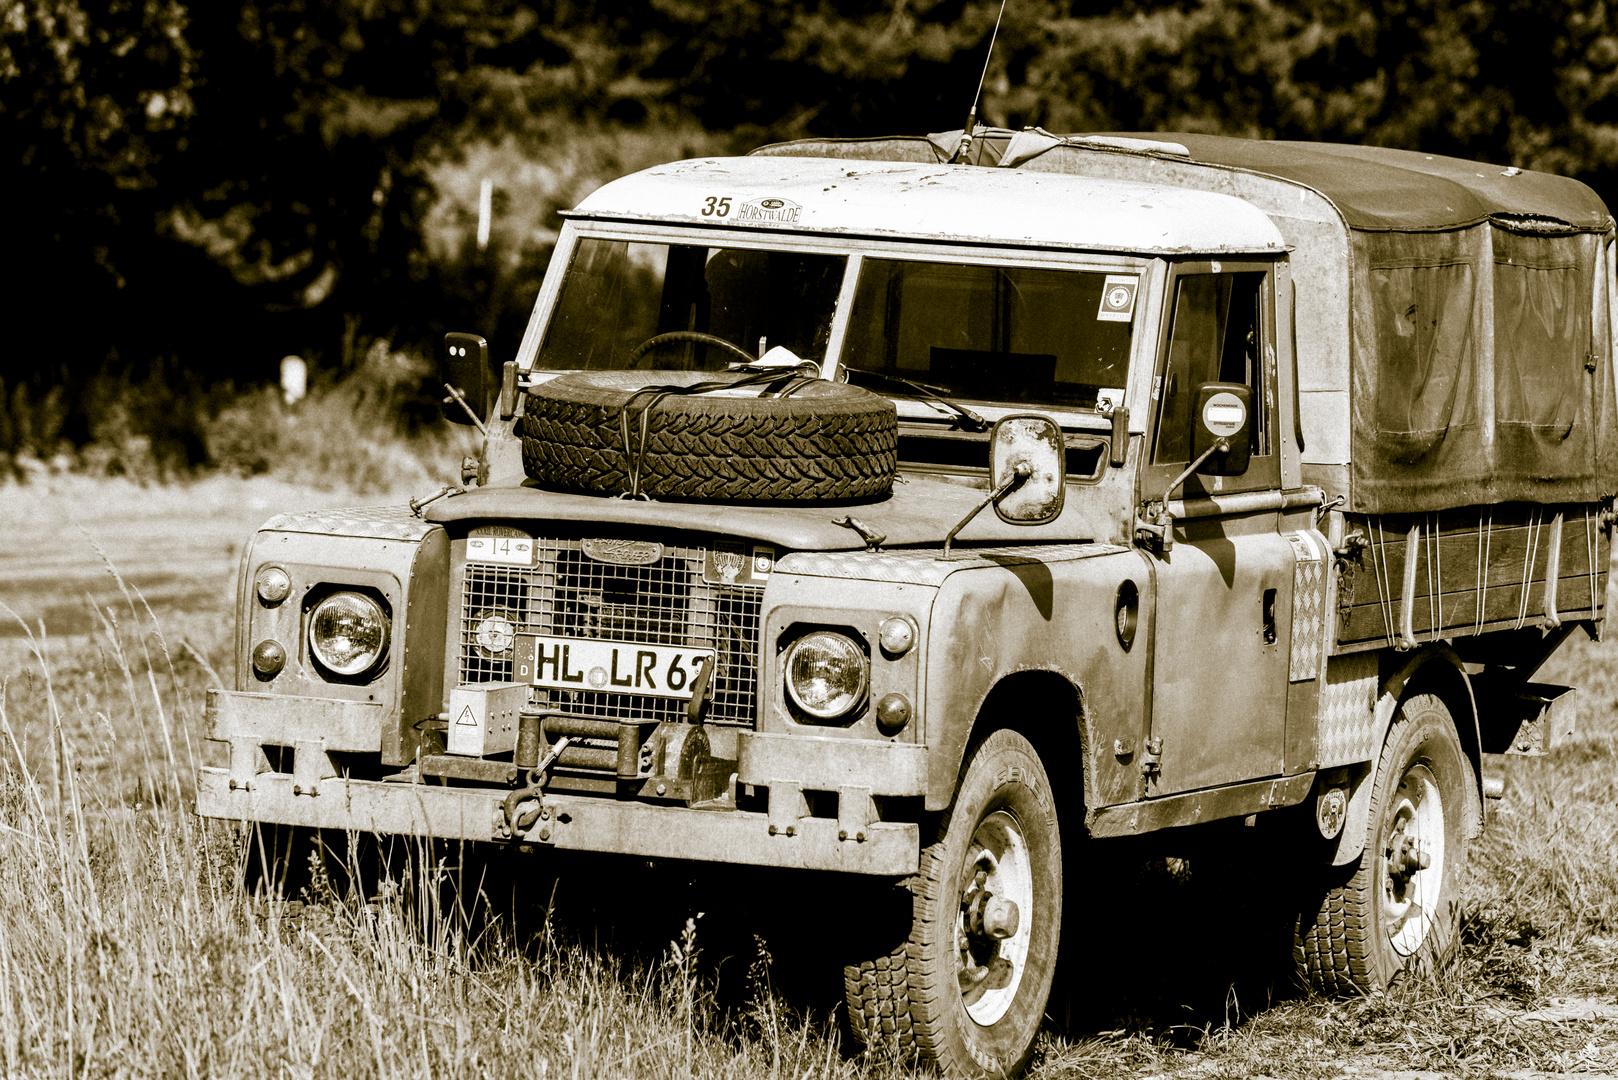 Kein verdammter Jeep!!!